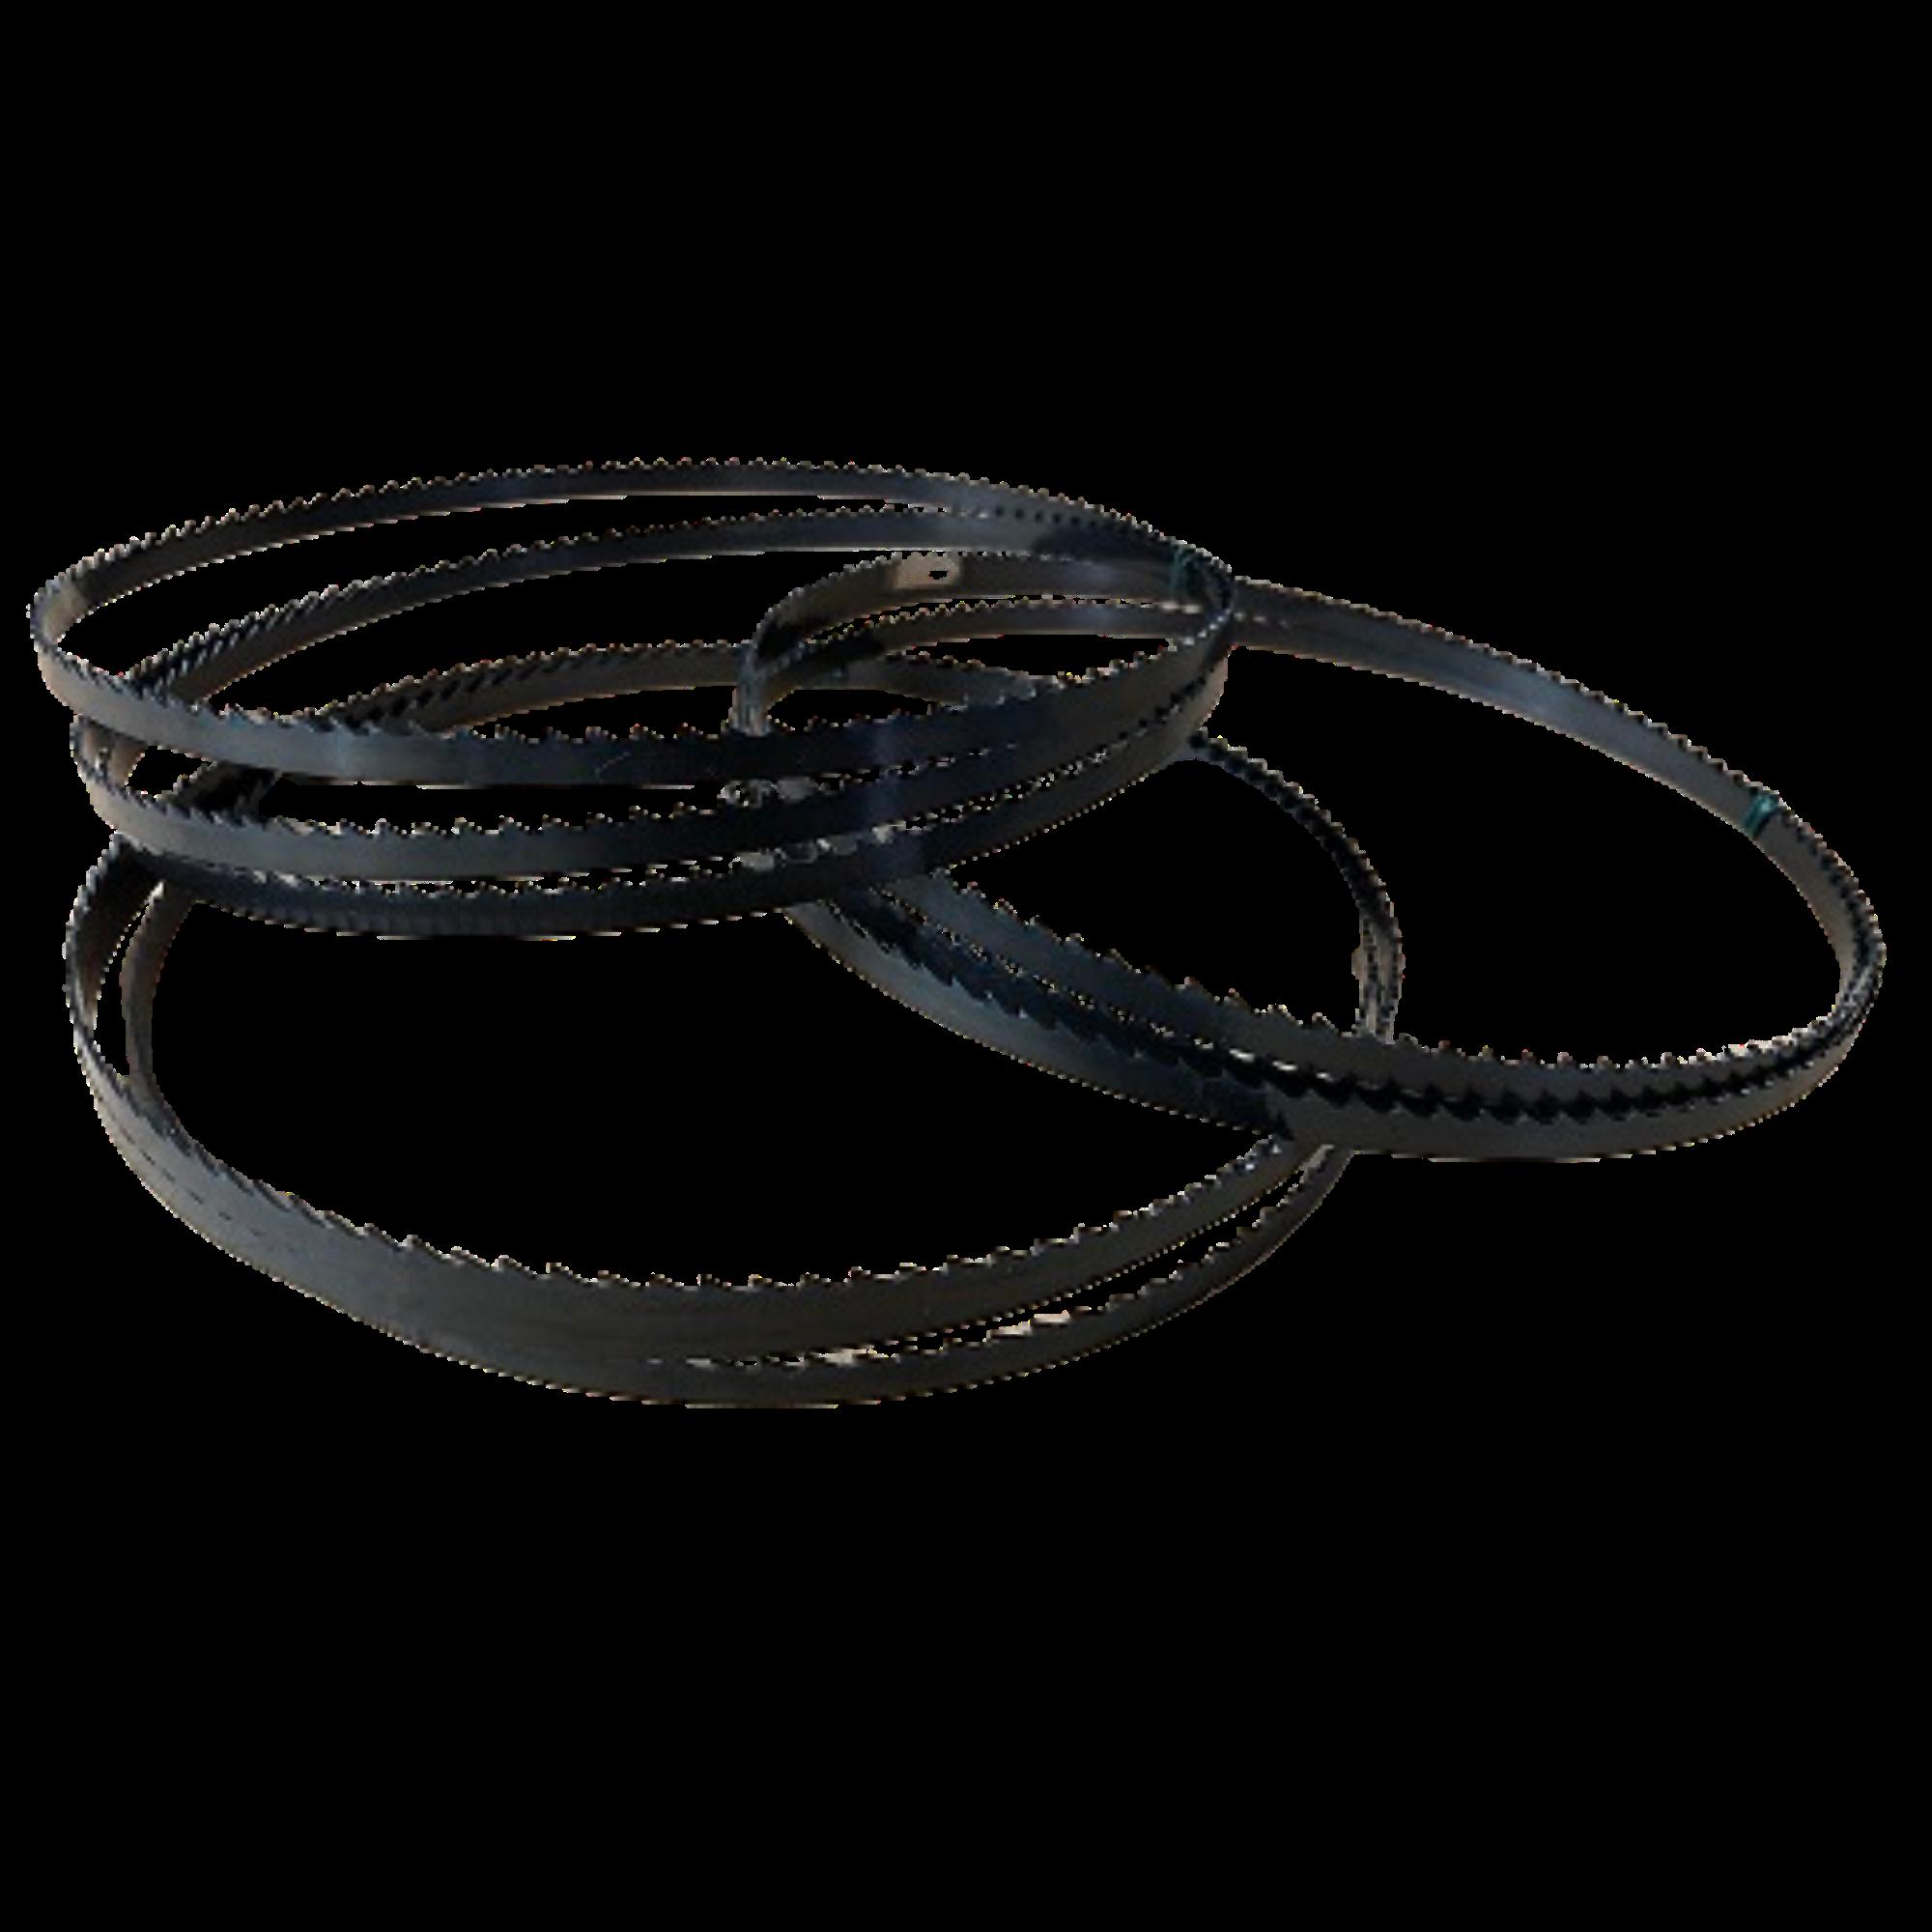 3x Bandsägeblätter 1430mm x 6mm x 0,65mm 6ZpZ